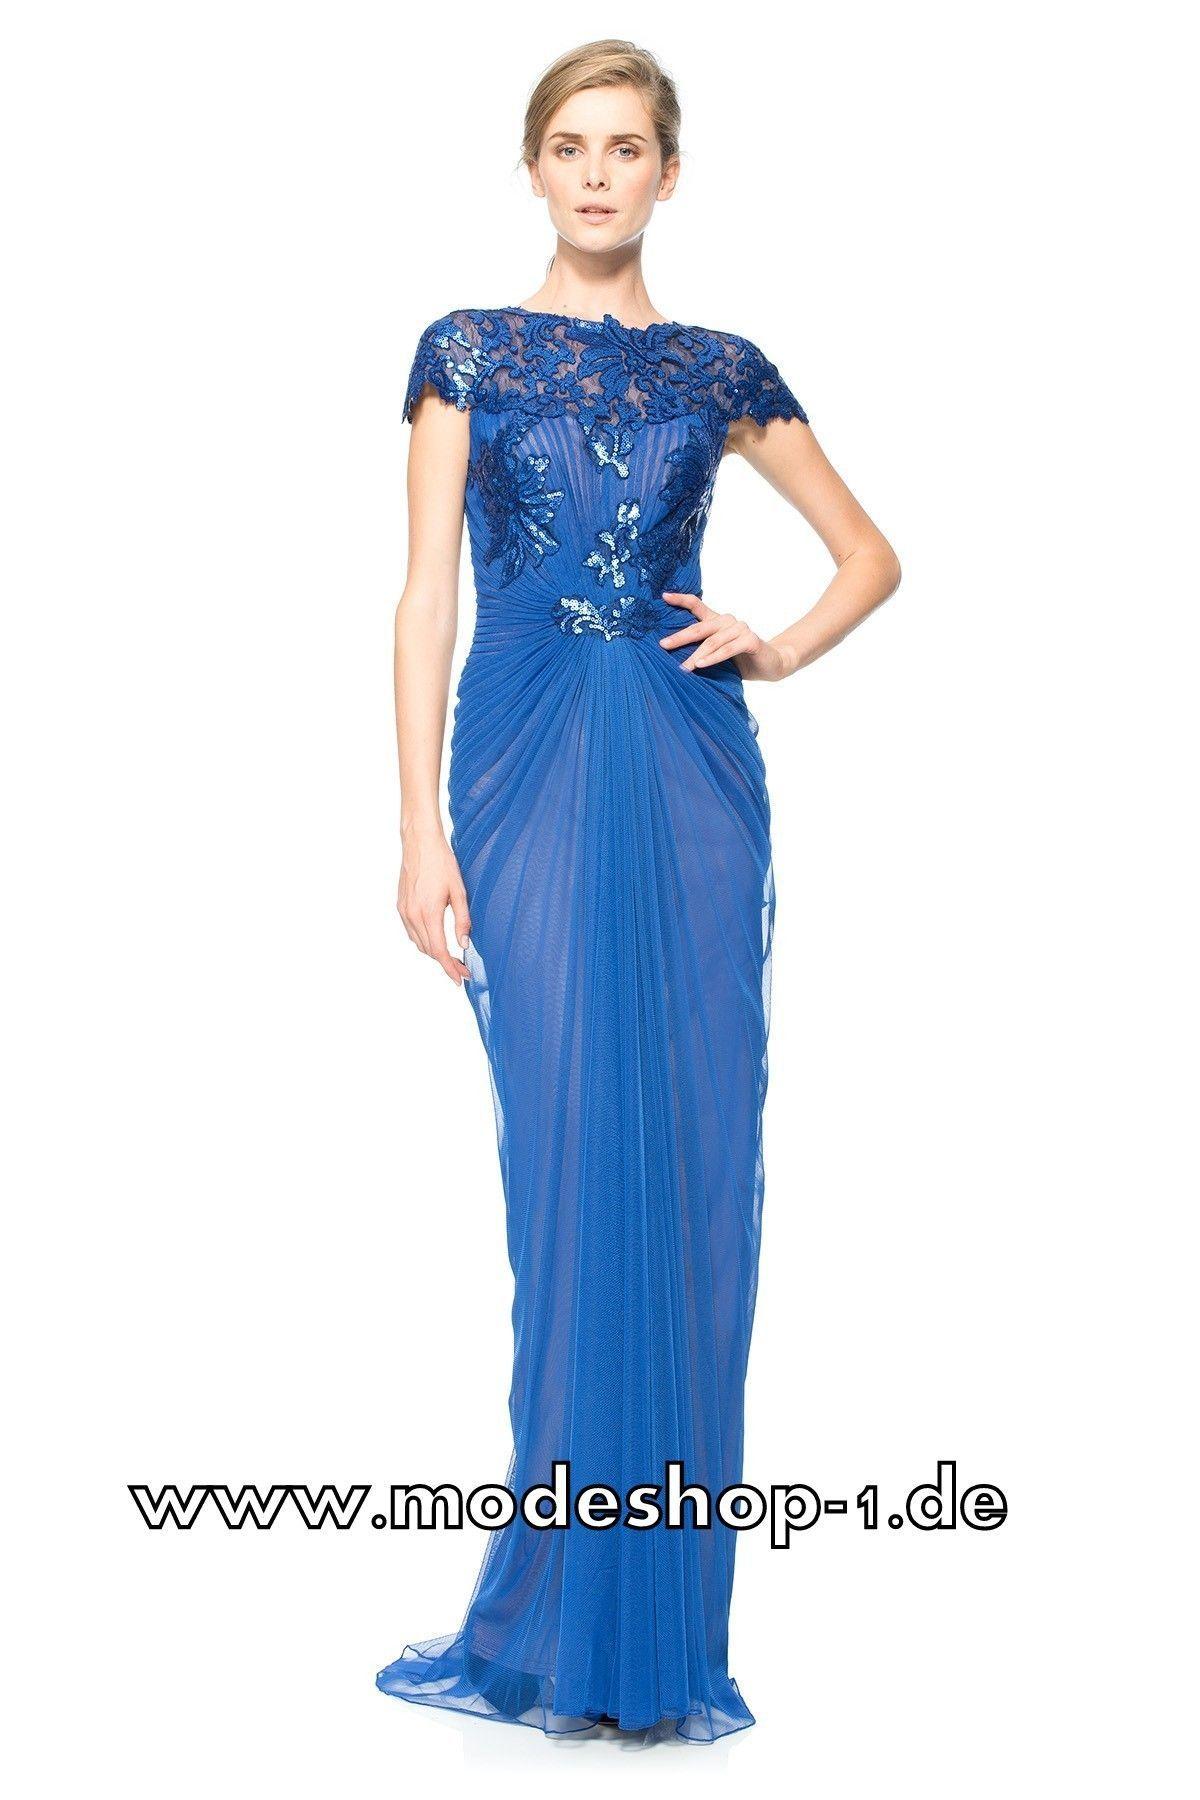 Abendkleider 20 Blaues Abendkleid Online mit Raffungen  Blaues